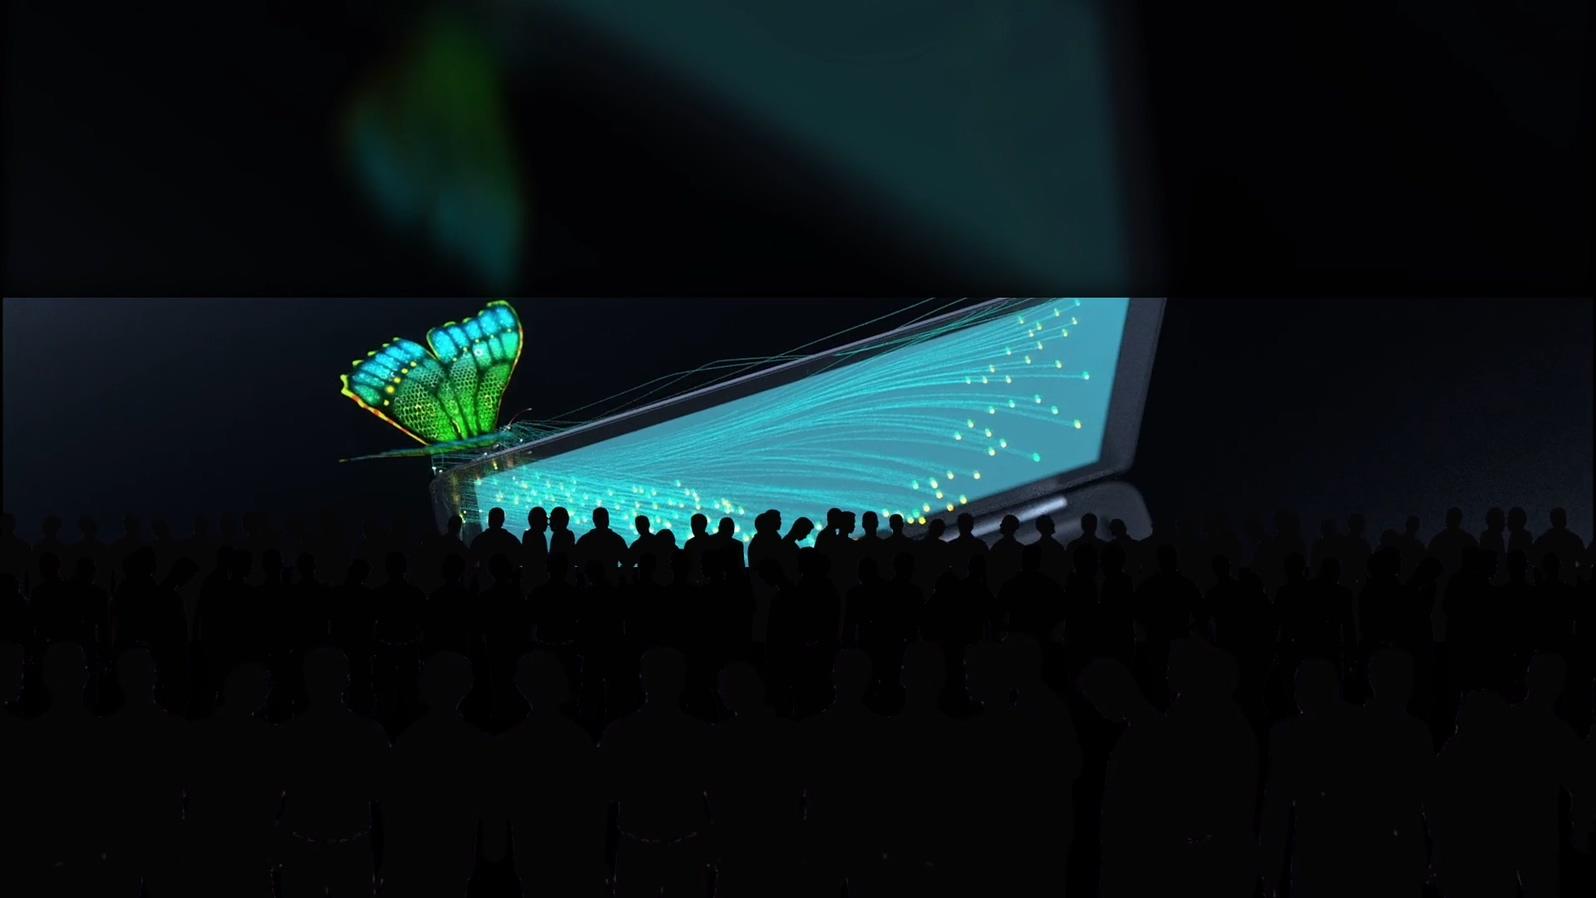 科技大屏互动蝴蝶粒子汽车线条汇聚